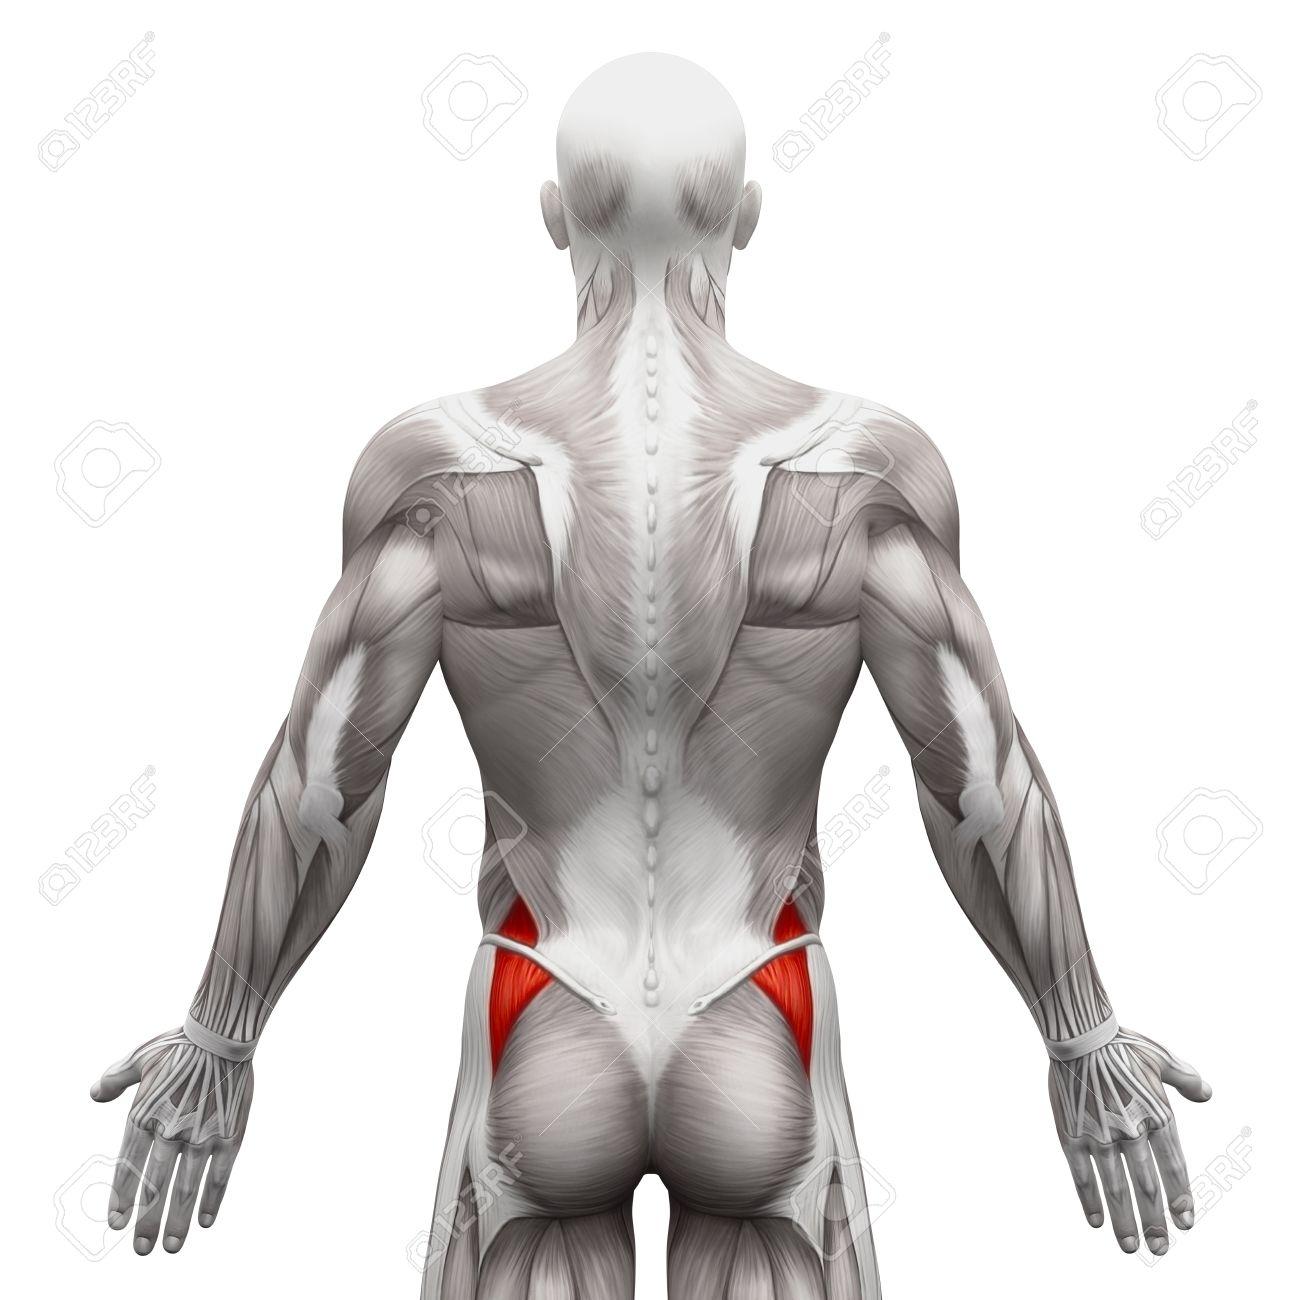 Gluteus Medius - Anatomie Muskeln Isoliert Auf Weiß - 3D-Darstellung ...